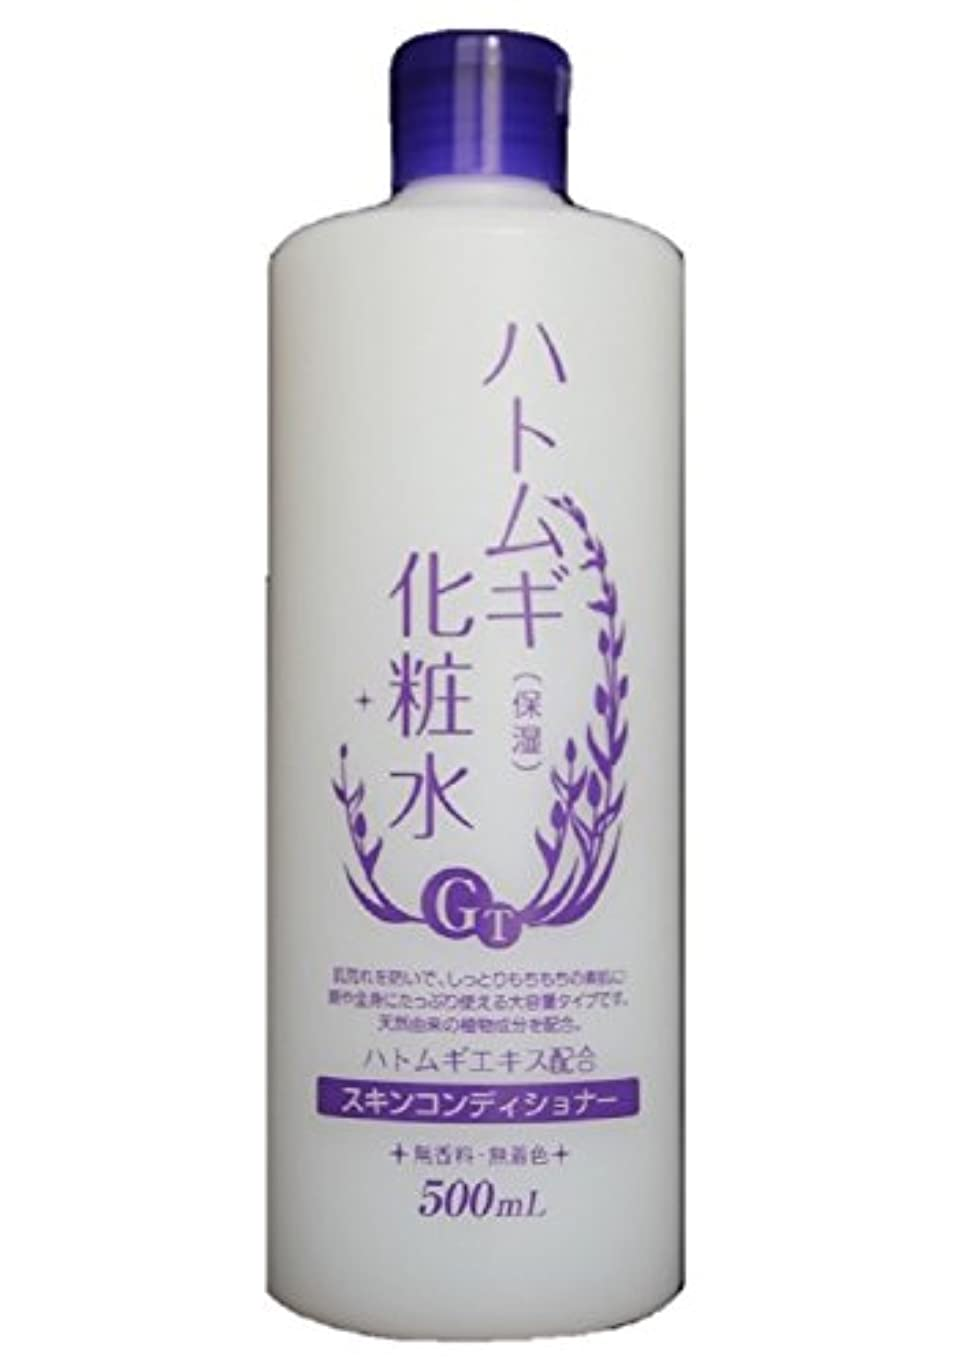 韓国シール残りナチュラルグレース ハトムギ化粧水 500ml